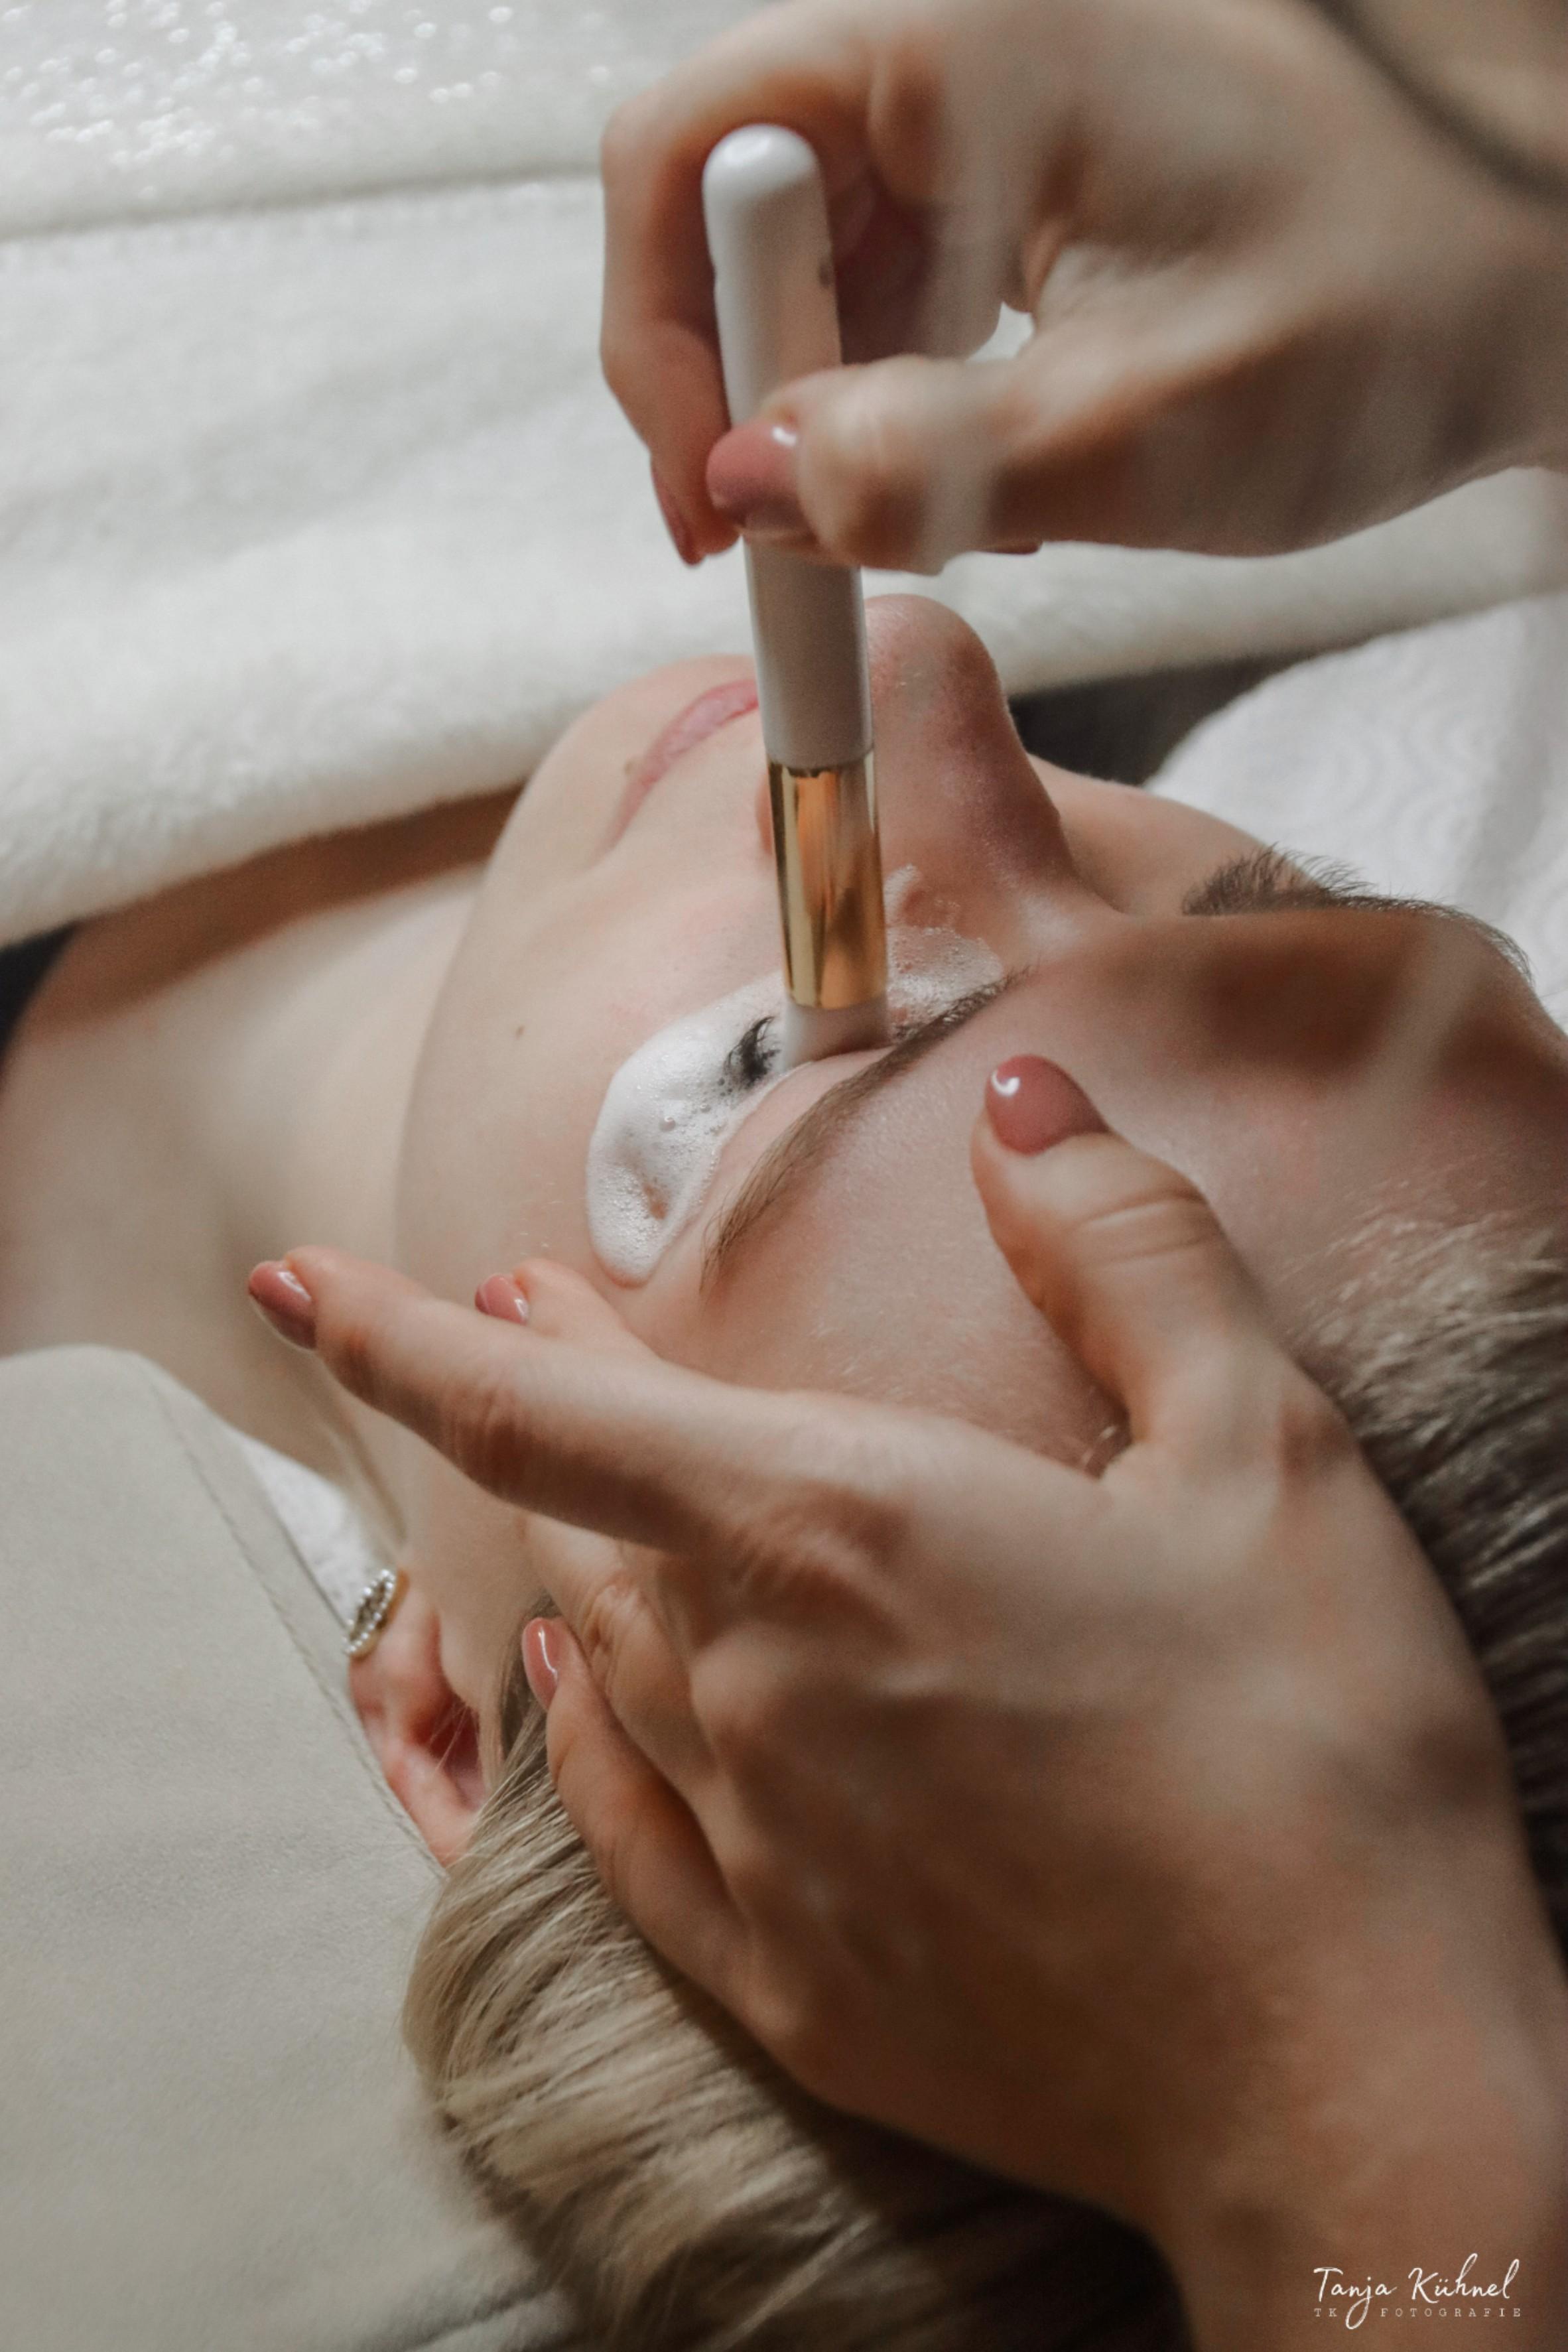 Kosmetikoase Gril - Werbefotos